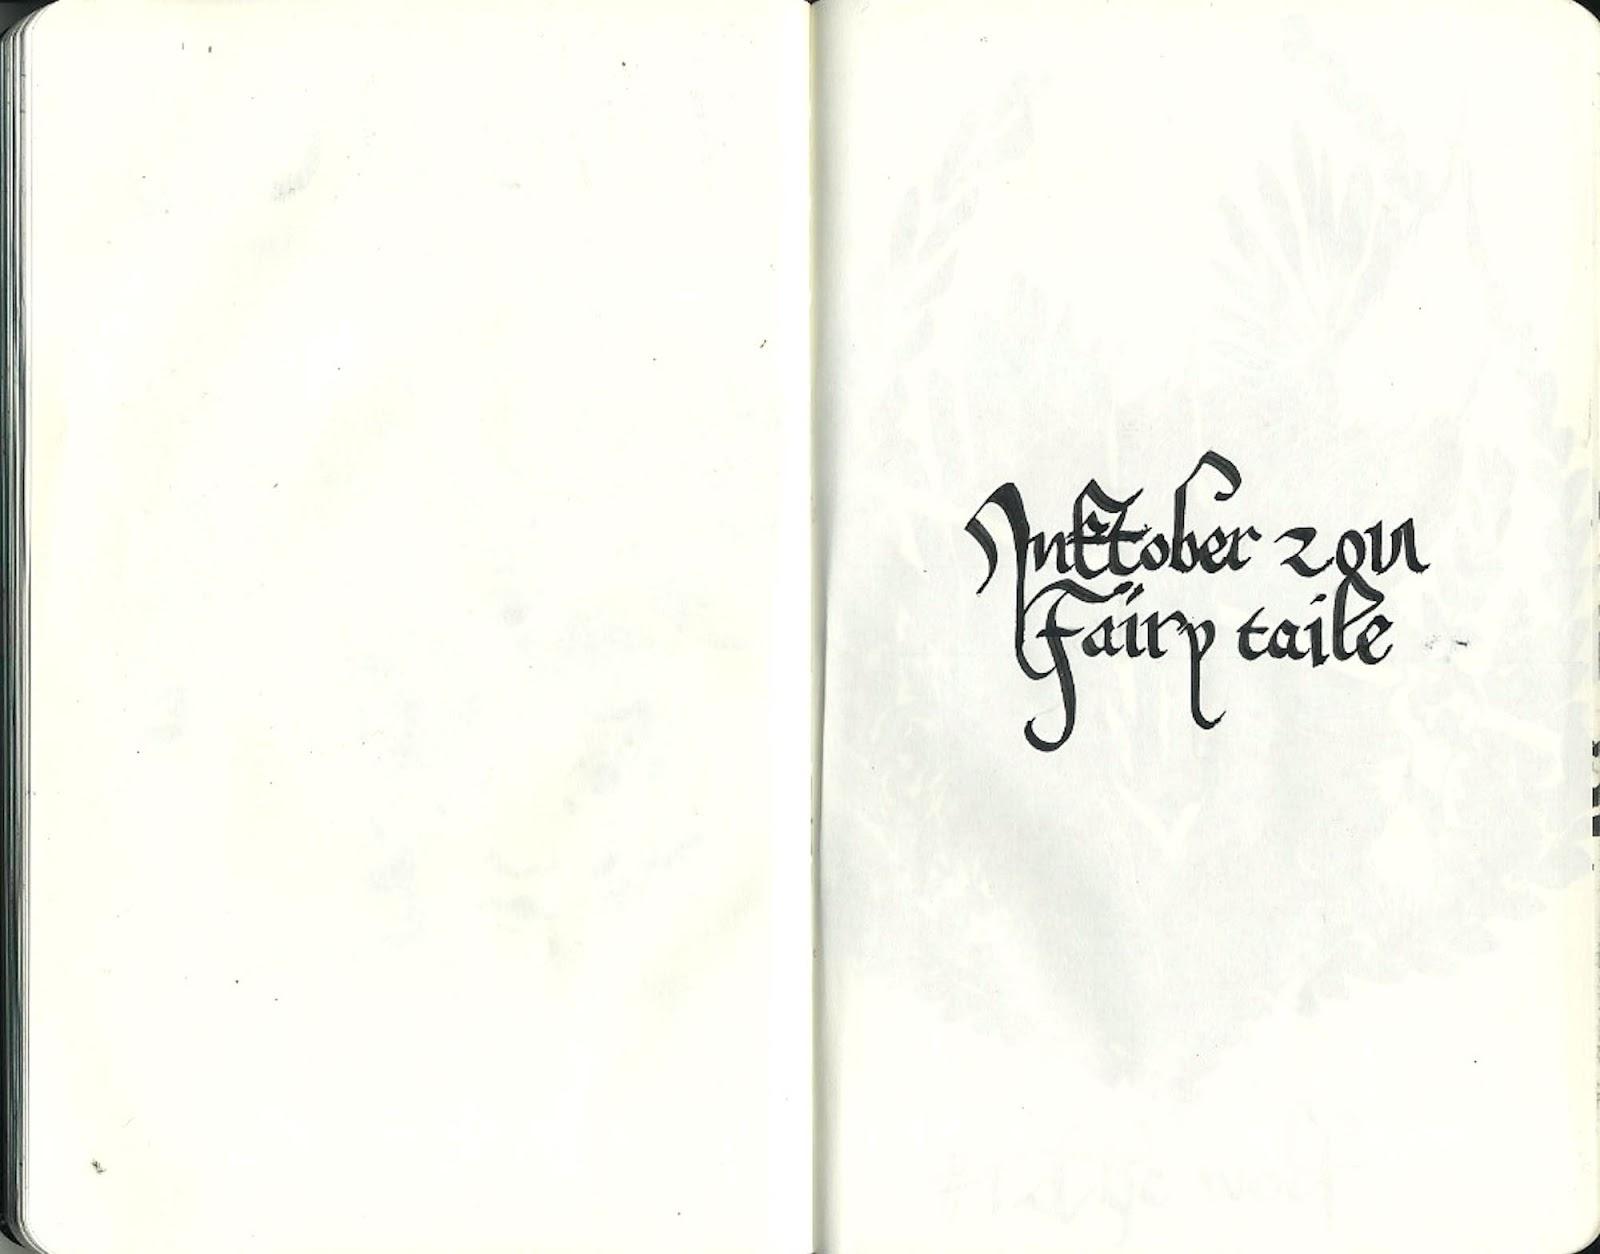 Inktober 2017: Fairy Taile